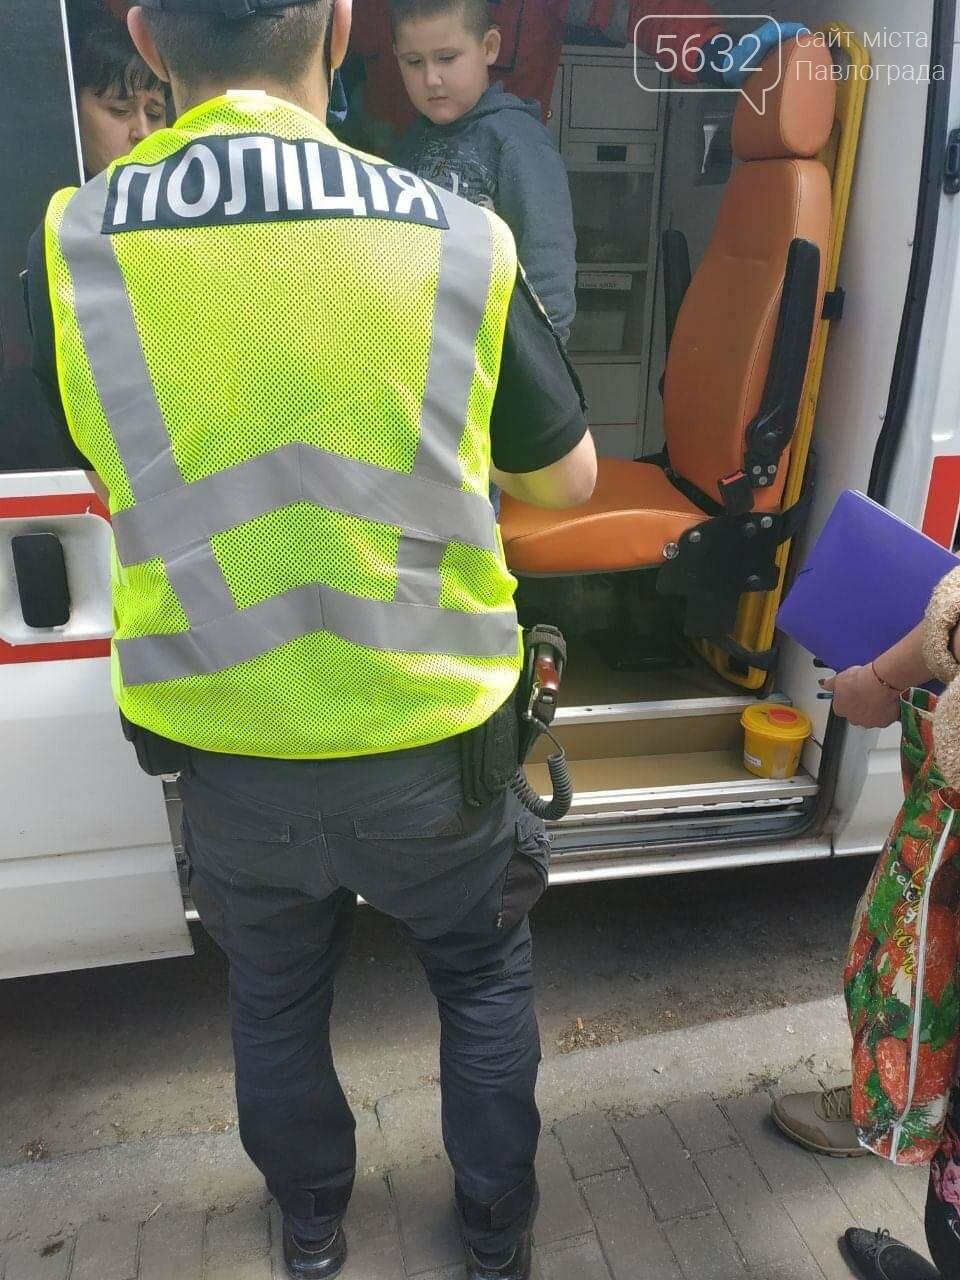 Перебегал дорогу в неустановленном месте: в Павлограде мальчик едва не погиб под колёсами автомобиля, фото-4